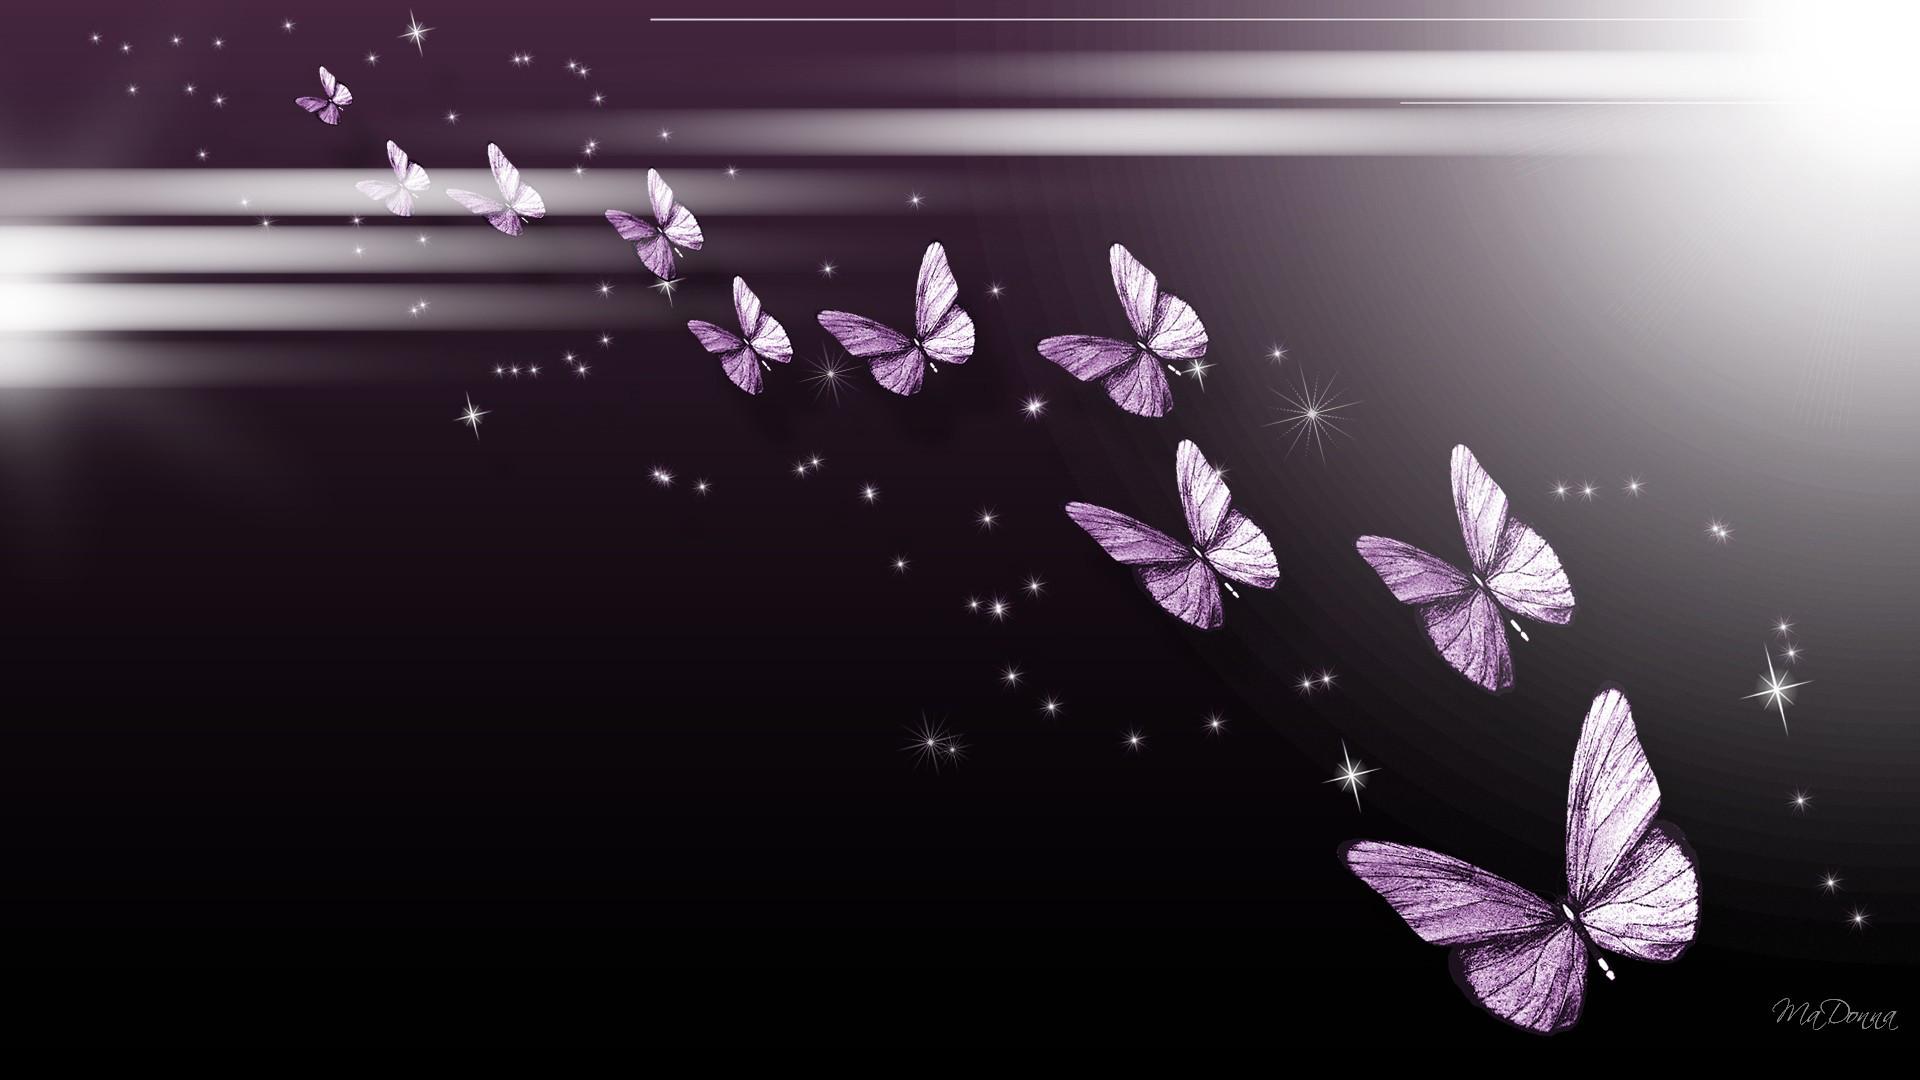 Purple butterfly wallpaper - photo#40